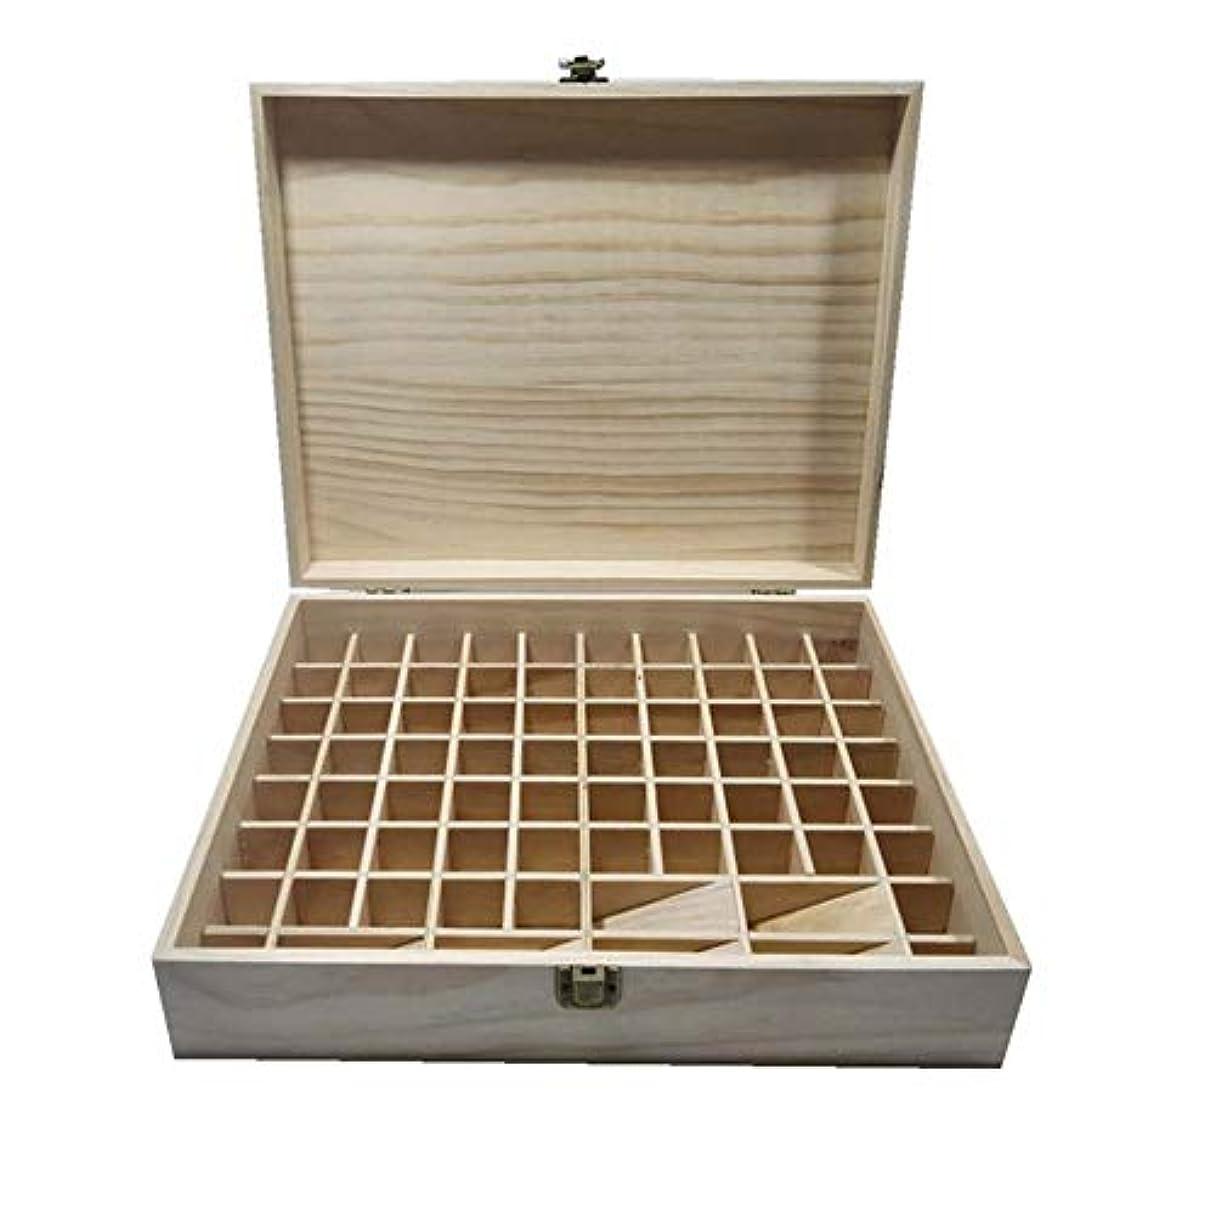 純粋なアンテナグレートオークエッセンシャルオイルストレージボックス 74スロットエッセンシャルオイルボックス木製収納ケースは、ボトル用エッセンシャルオイルスペースセーバーを開催します 旅行およびプレゼンテーション用 (色 : Natural, サイズ...